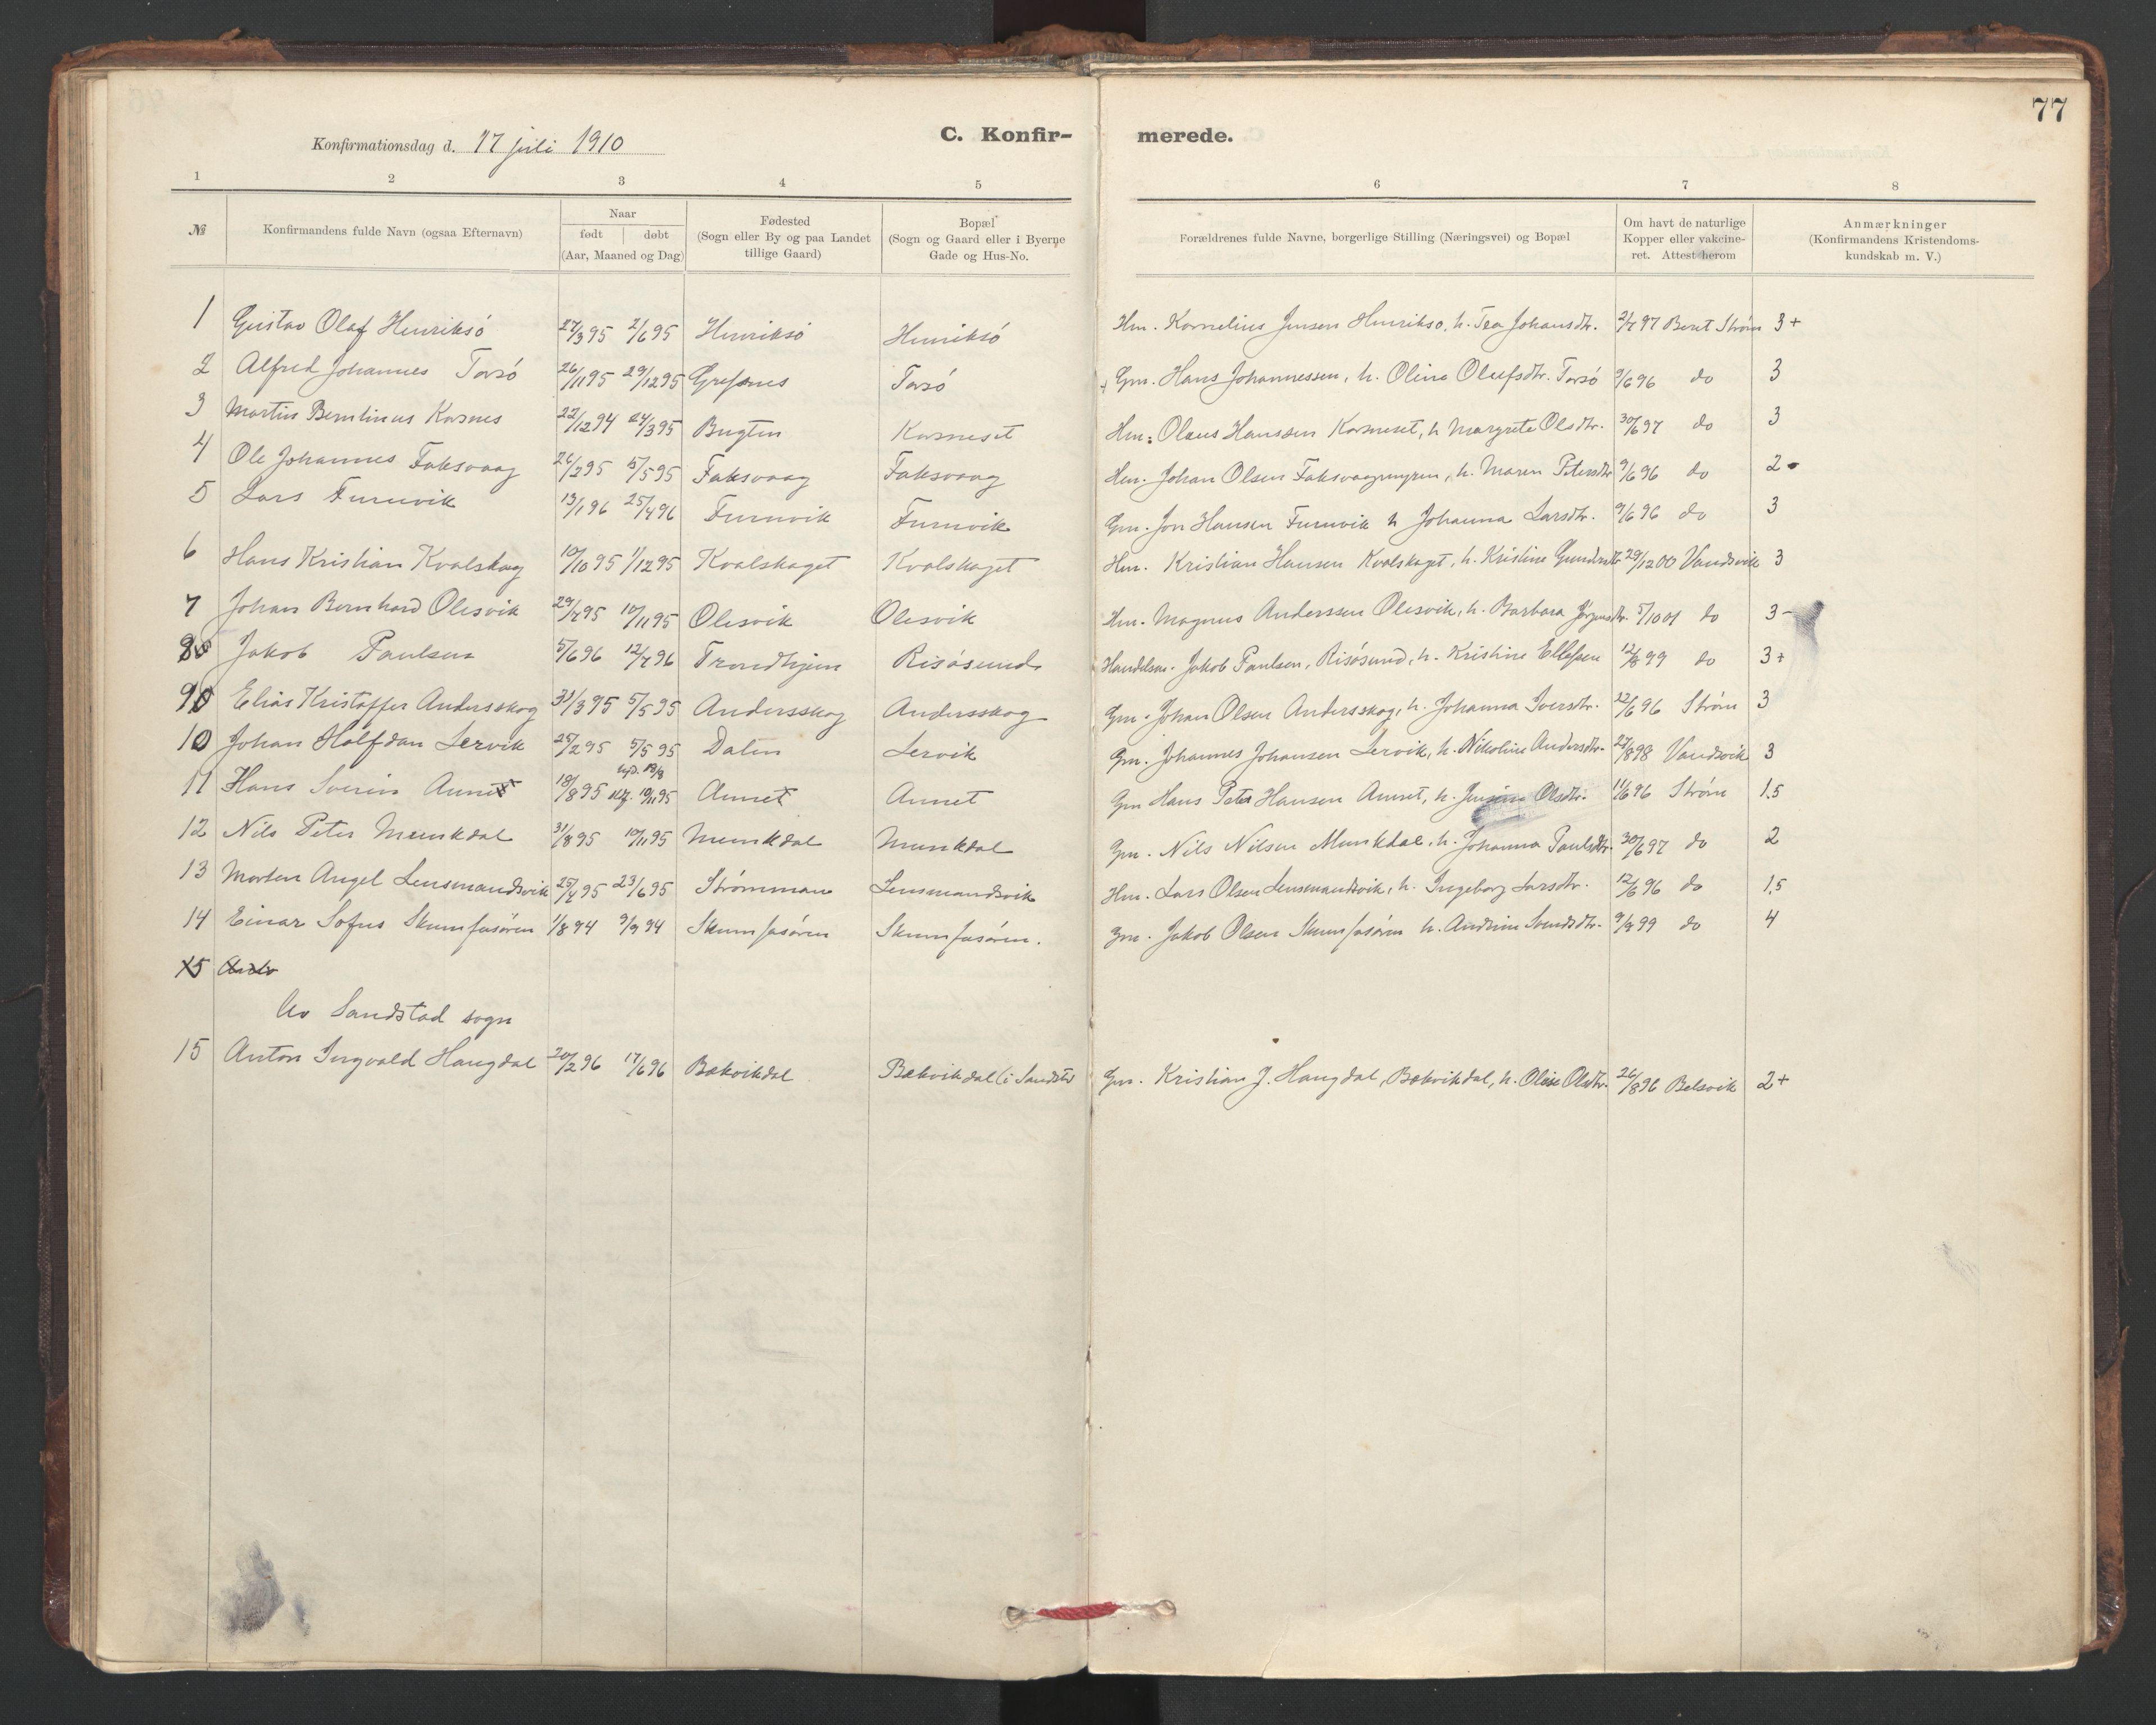 SAT, Ministerialprotokoller, klokkerbøker og fødselsregistre - Sør-Trøndelag, 635/L0552: Ministerialbok nr. 635A02, 1899-1919, s. 77